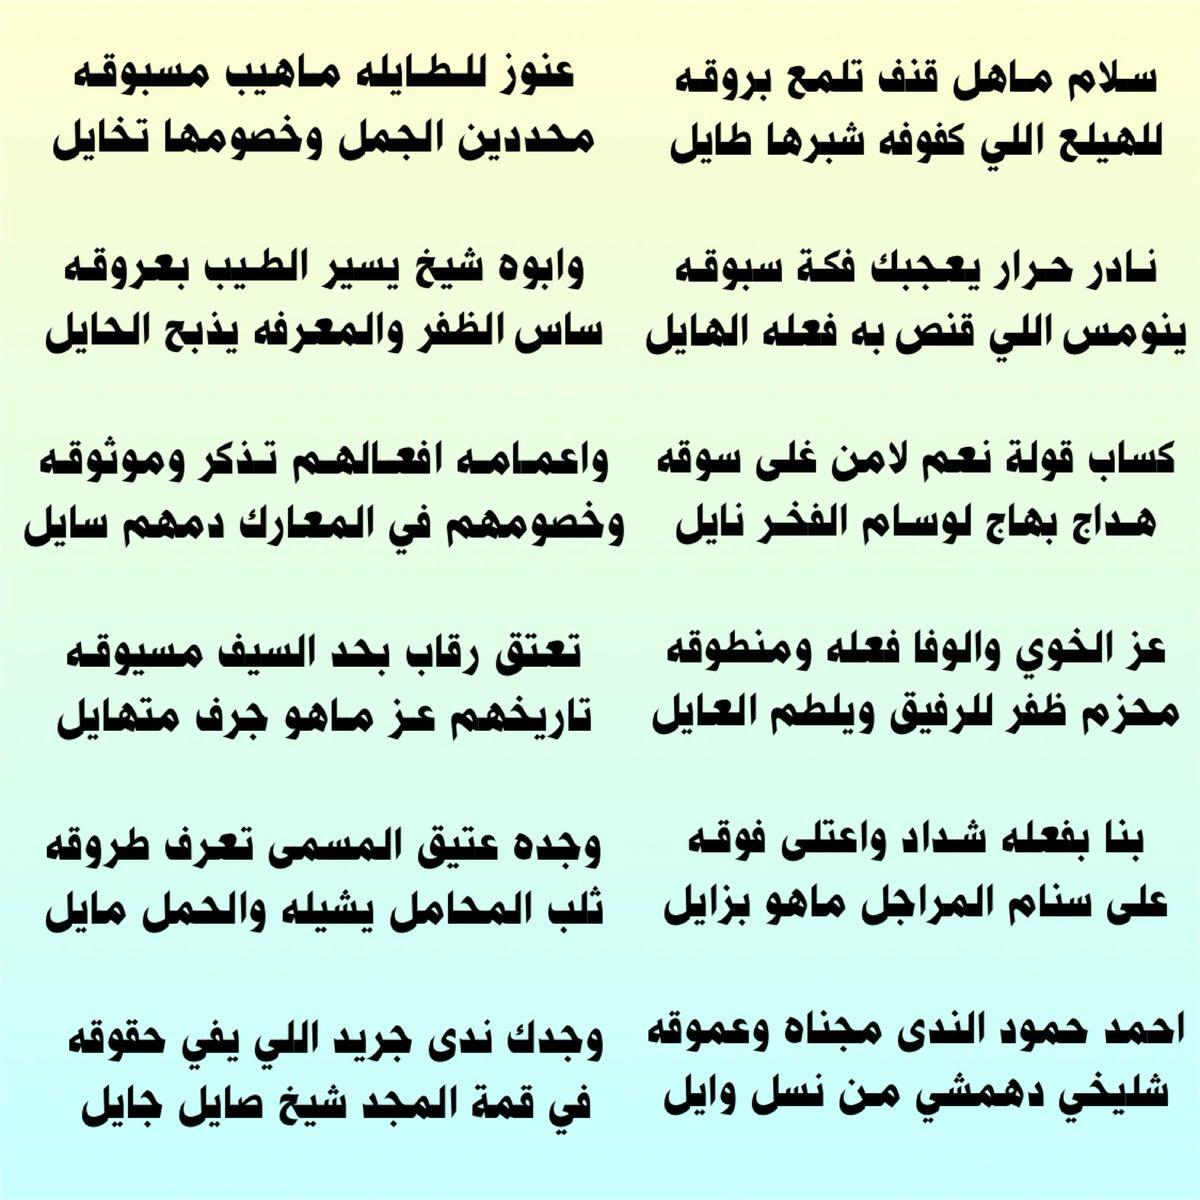 قصيدة مدح الخوي من اروع القصائد احساس ناعم